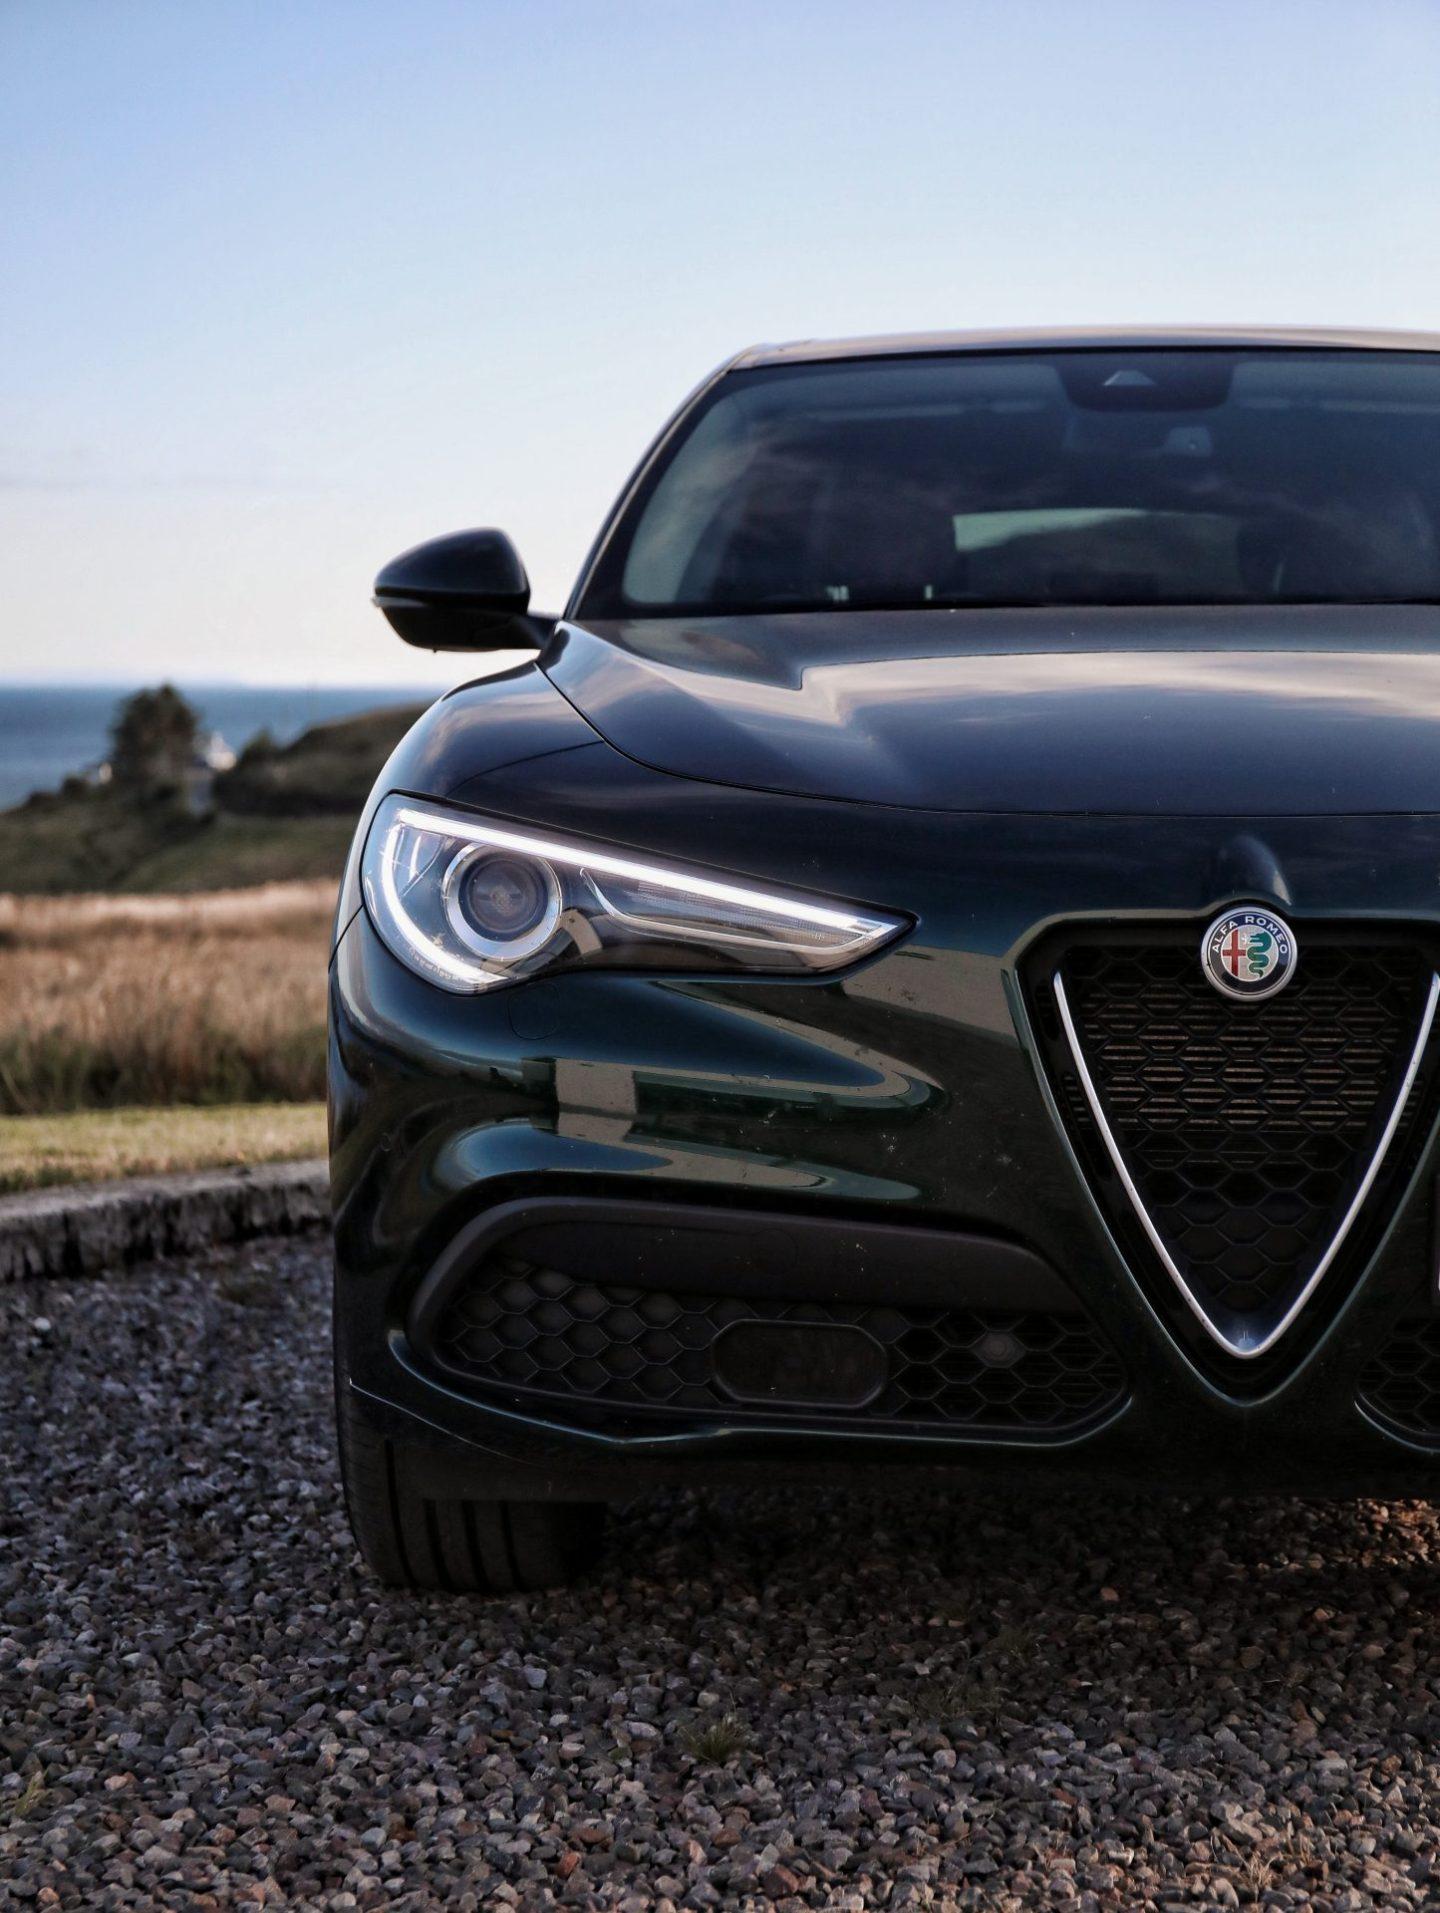 Alfa Romeo Stelvio Review Car SUV Family Car Exterior